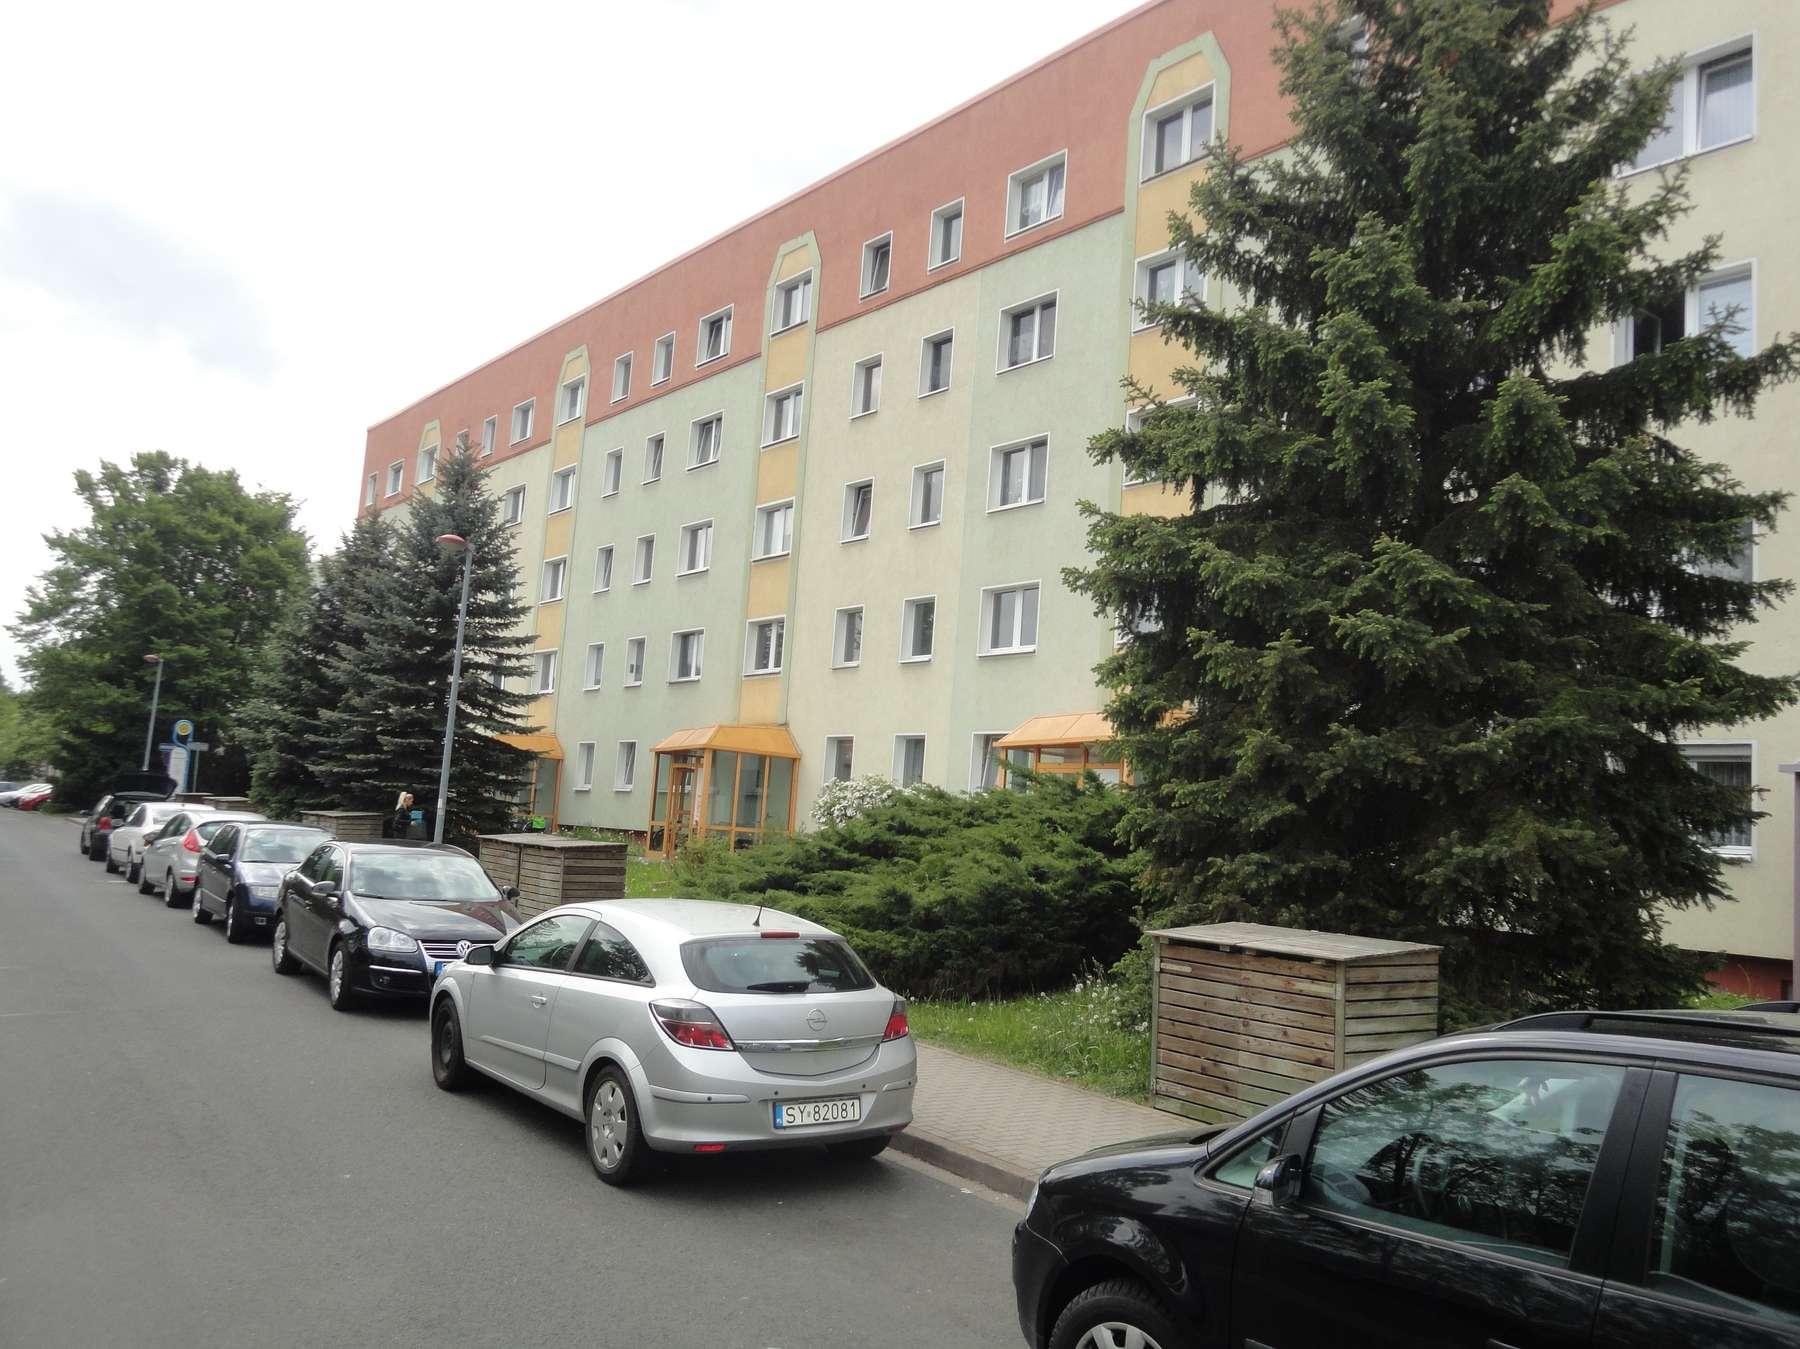 Kowo Heilbad Heiligenstadt freundliches zuhause 3 zimmer wohnung wohnung heilbad heiligenstadt